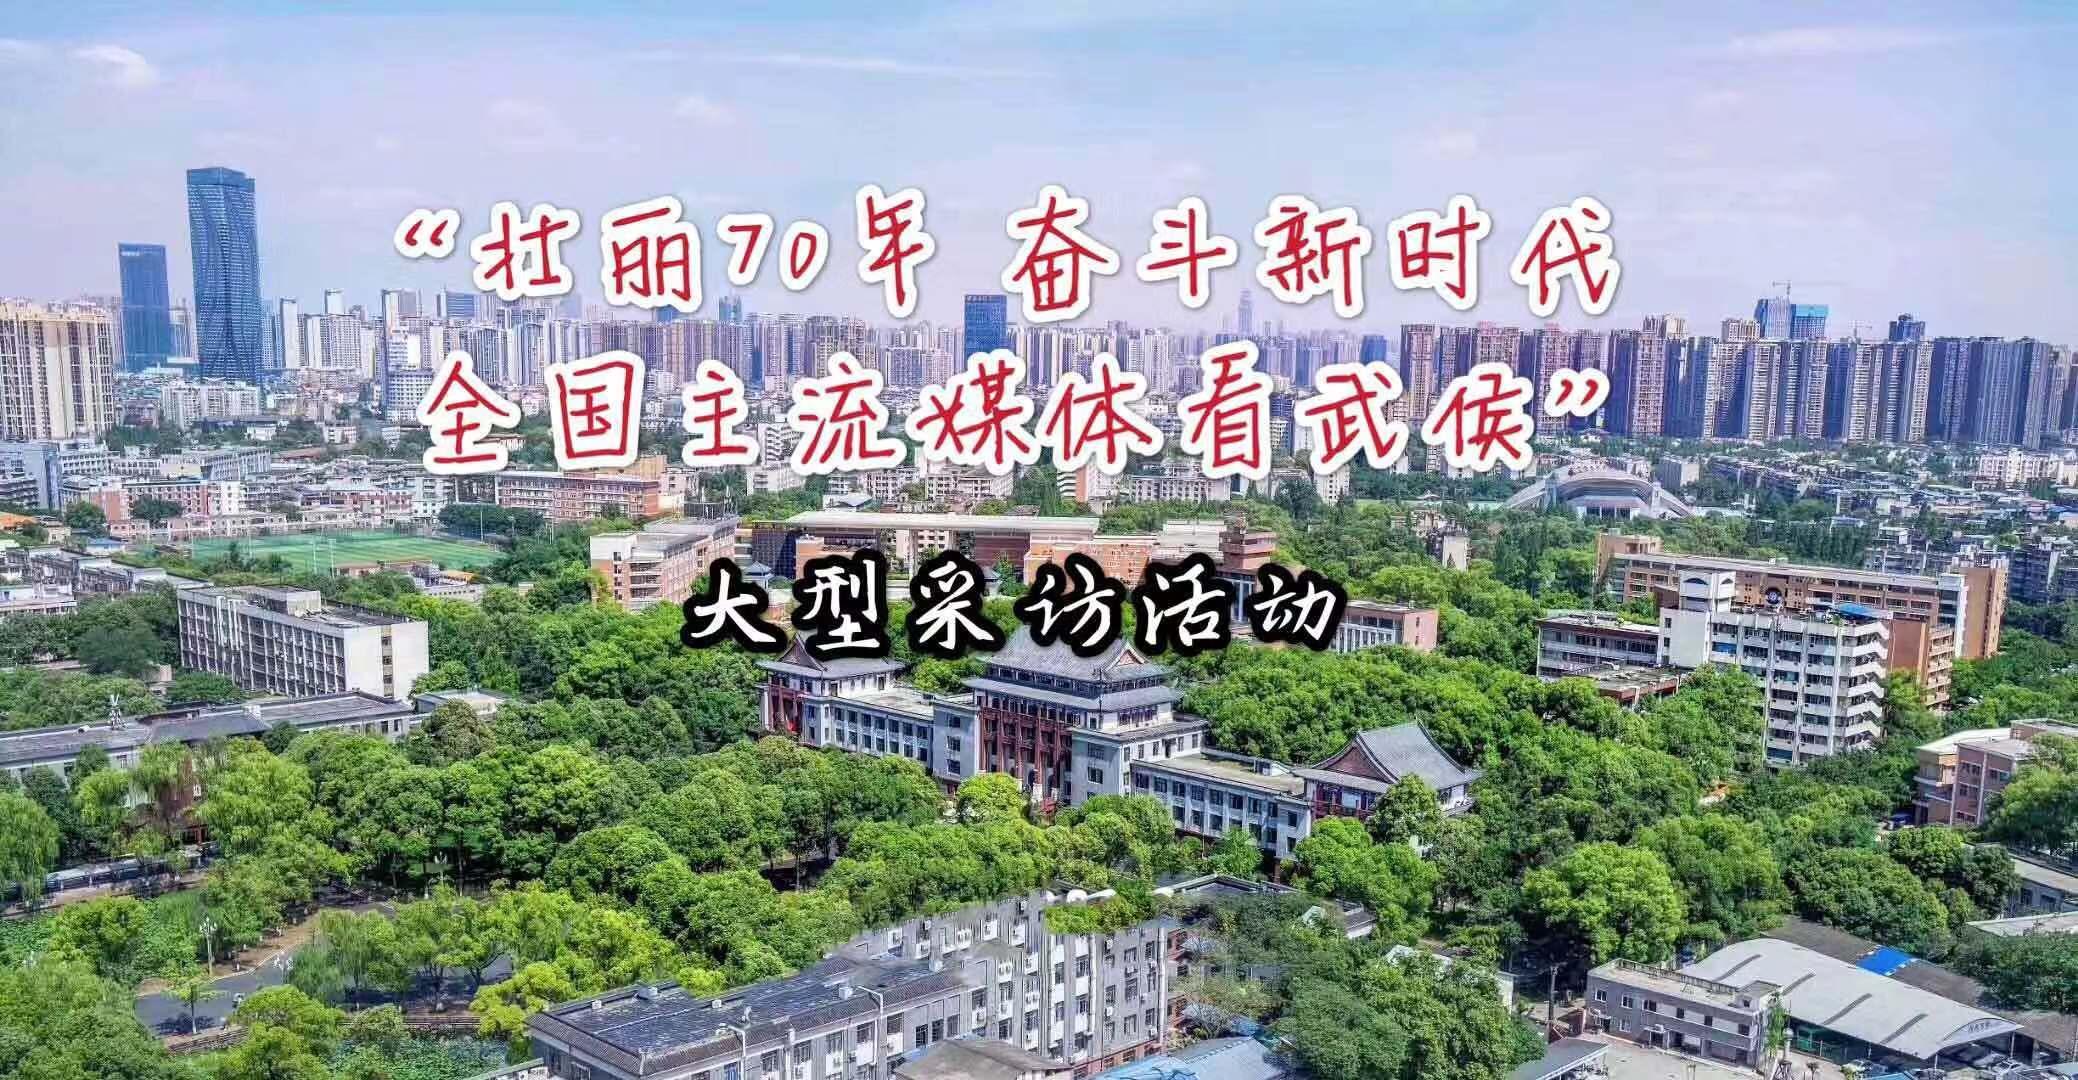 壮丽70年·奋斗新时代 ——全国主流媒体看武侯